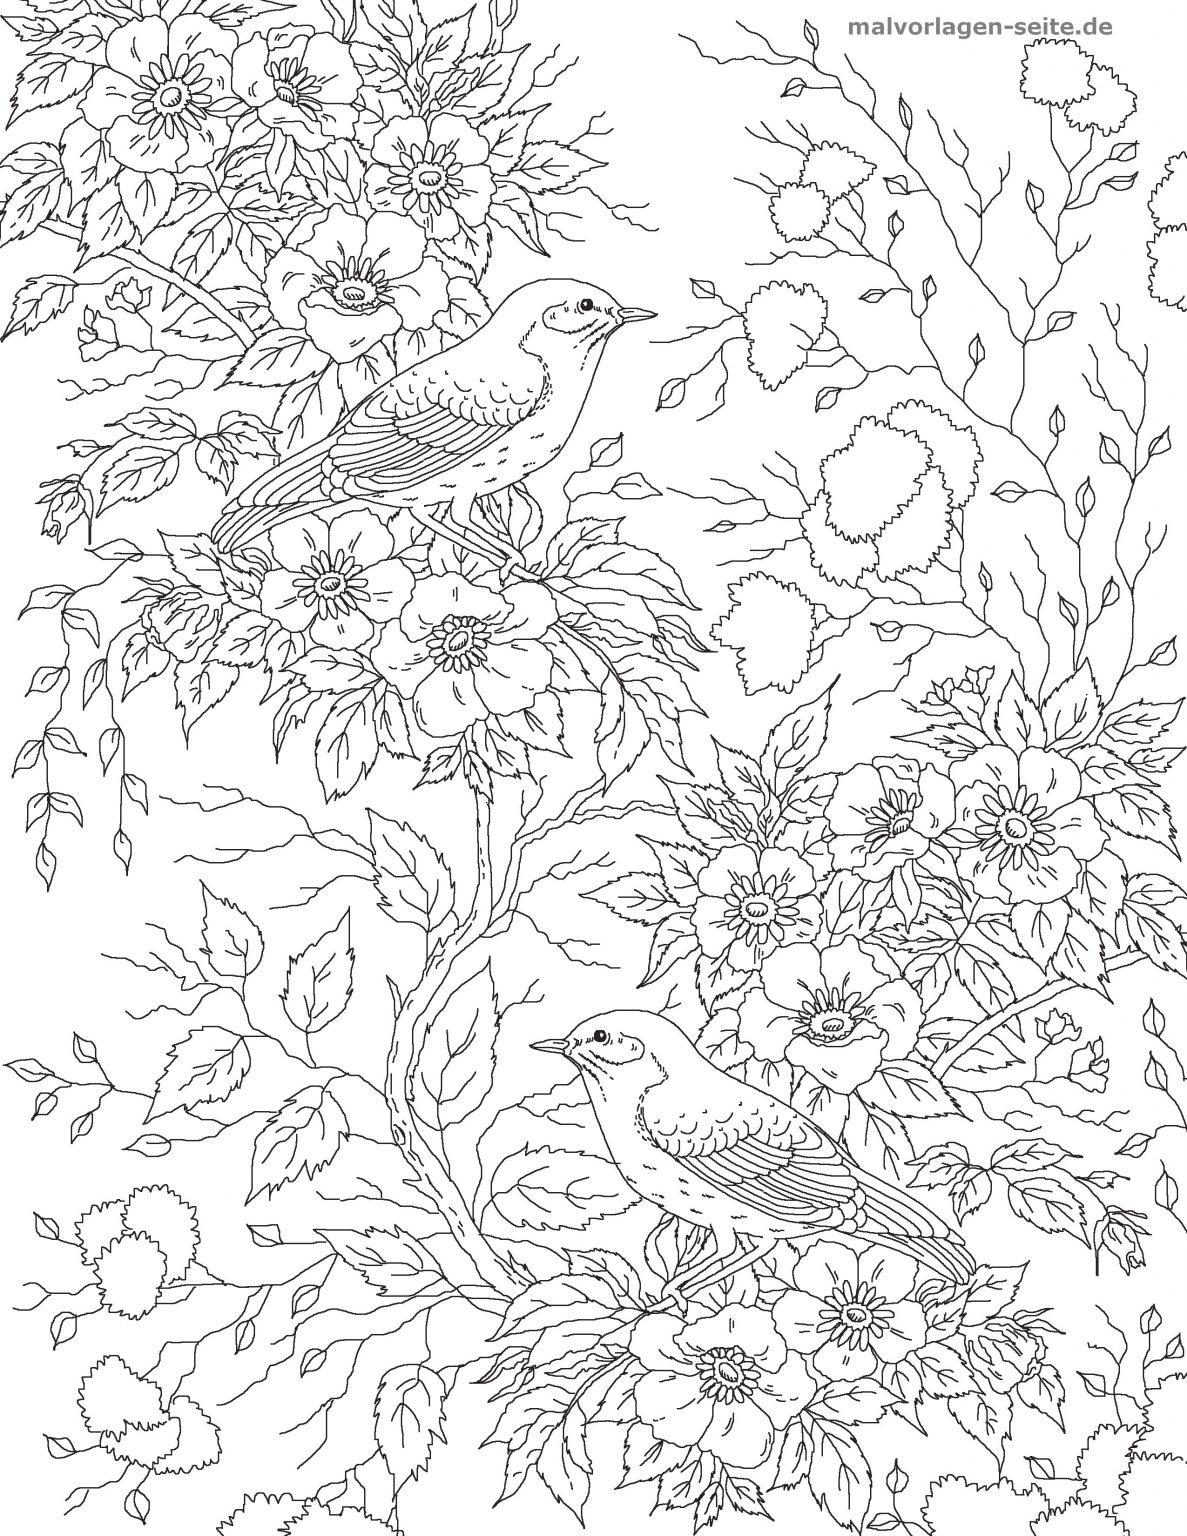 malvorlage erwachsene  vogel mit blumen  ausmalbilder